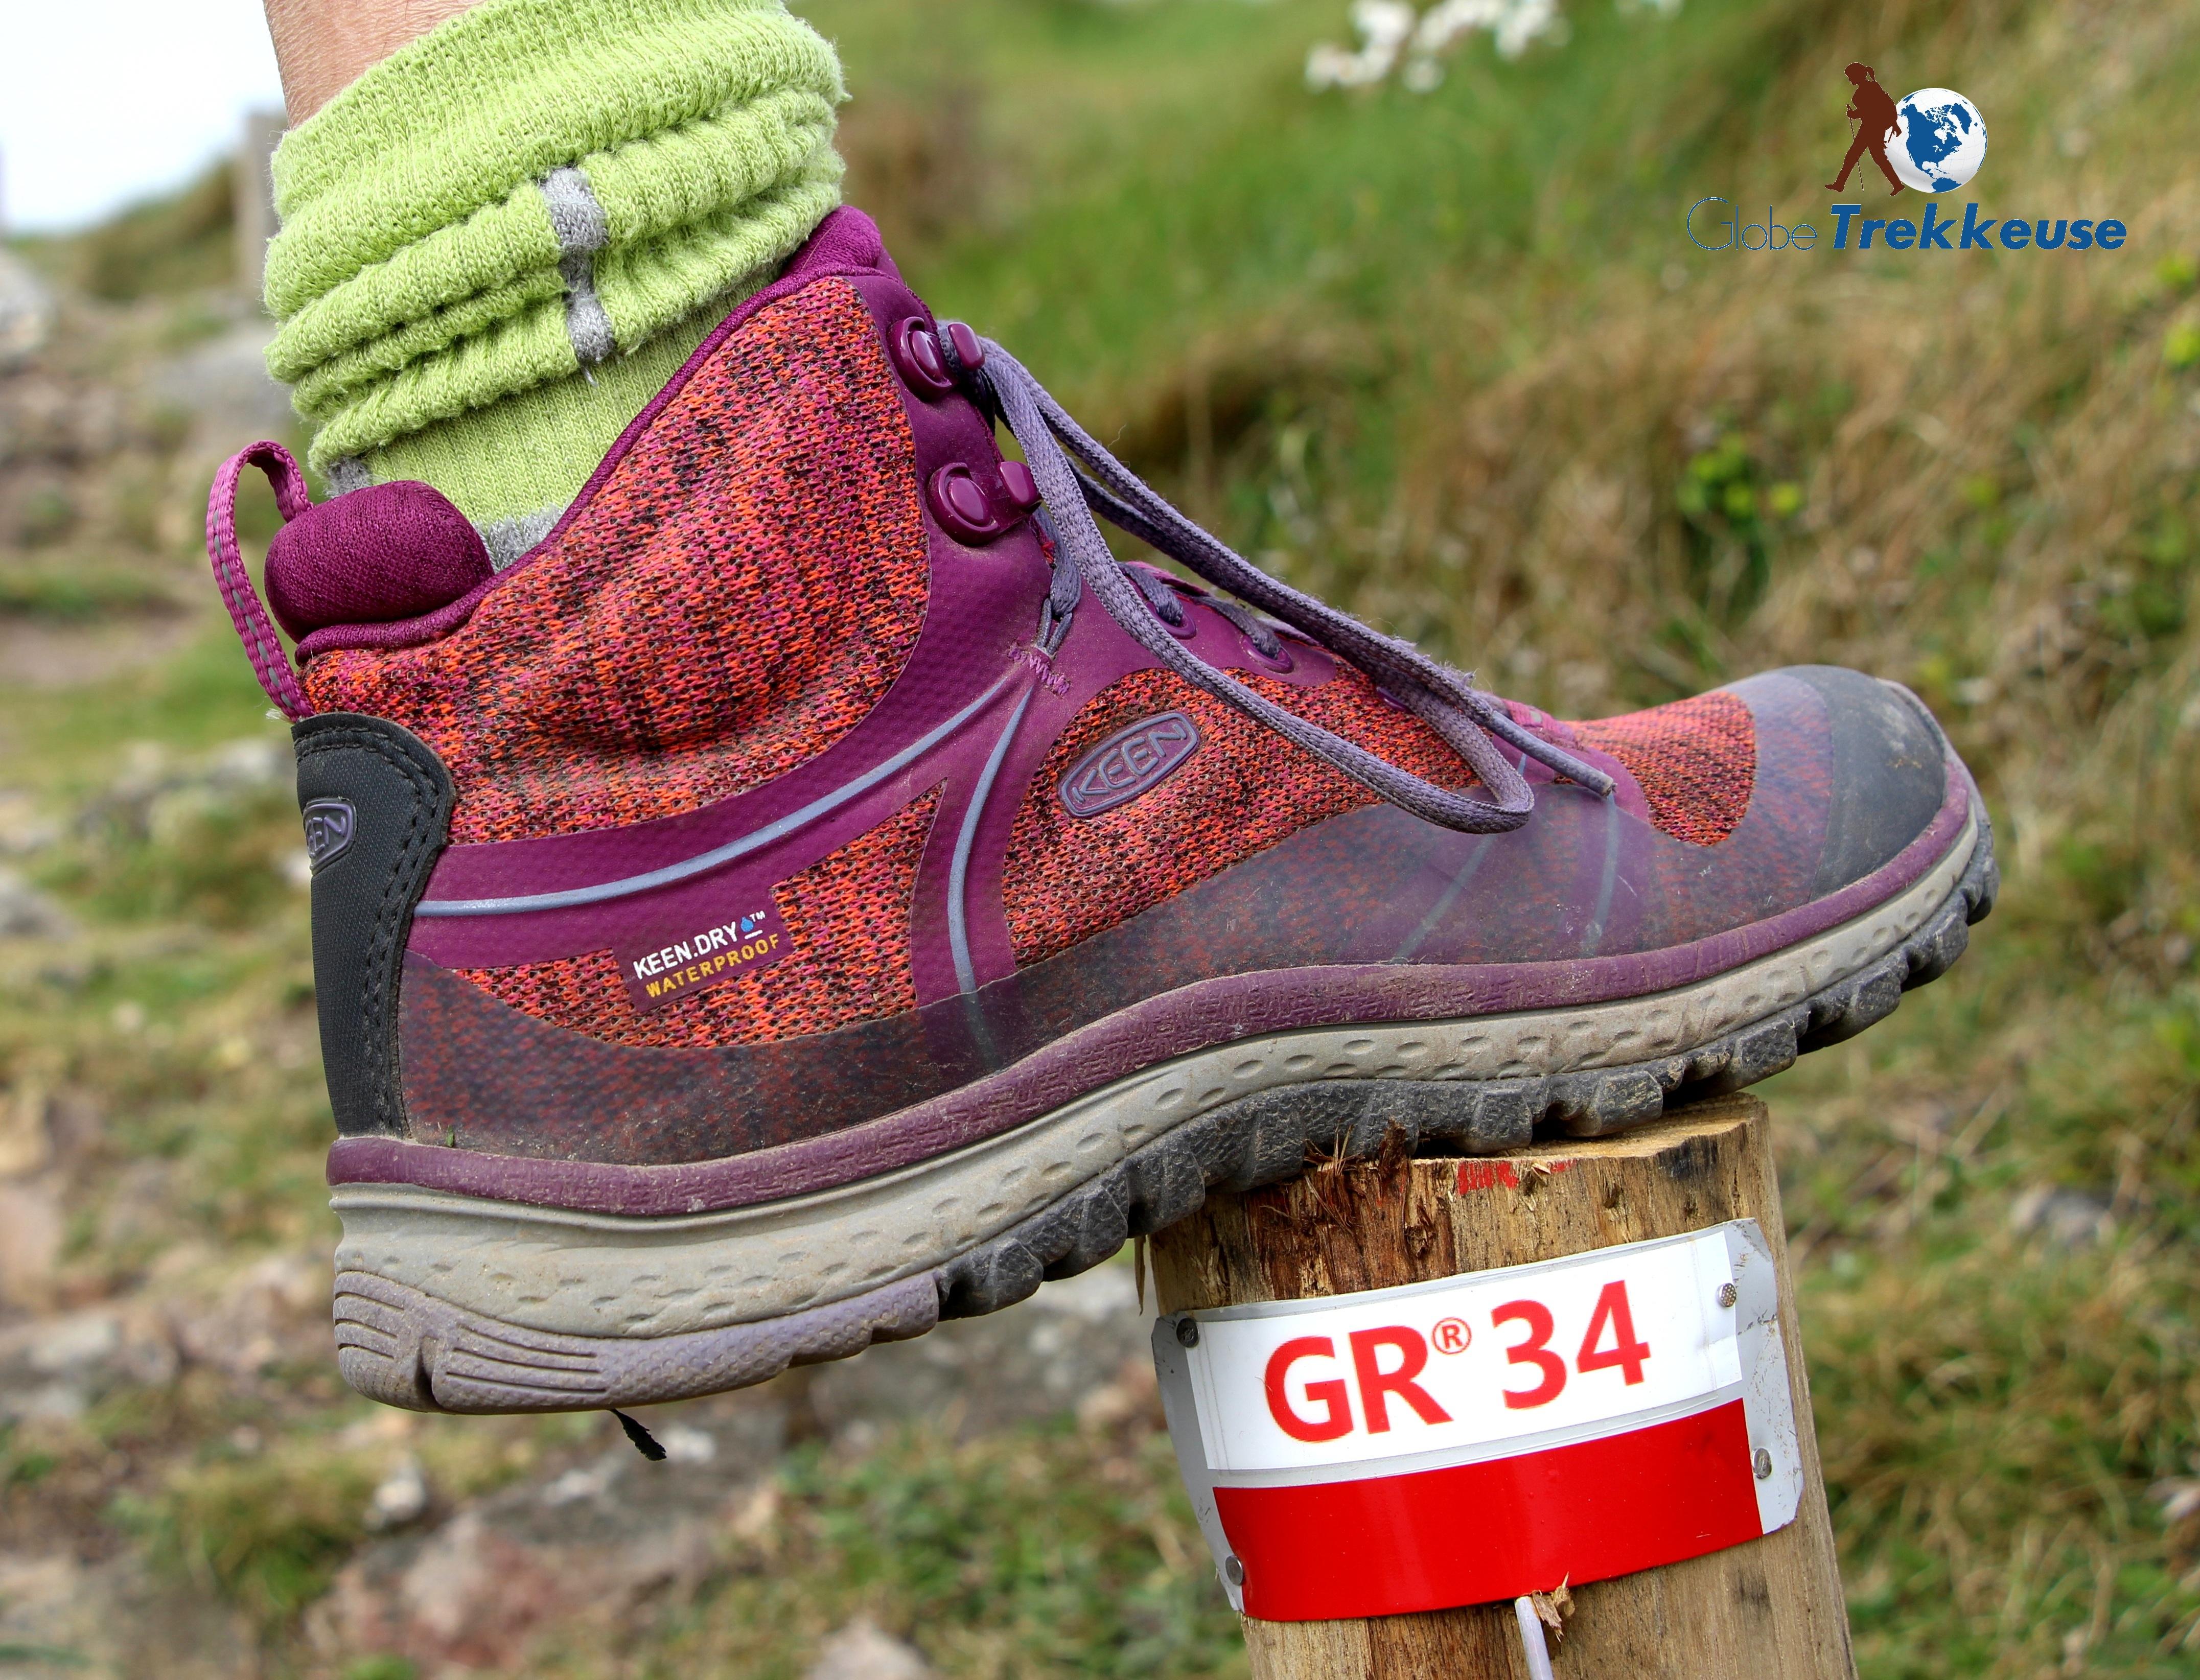 chaussures de randonnee keen terradora gr34